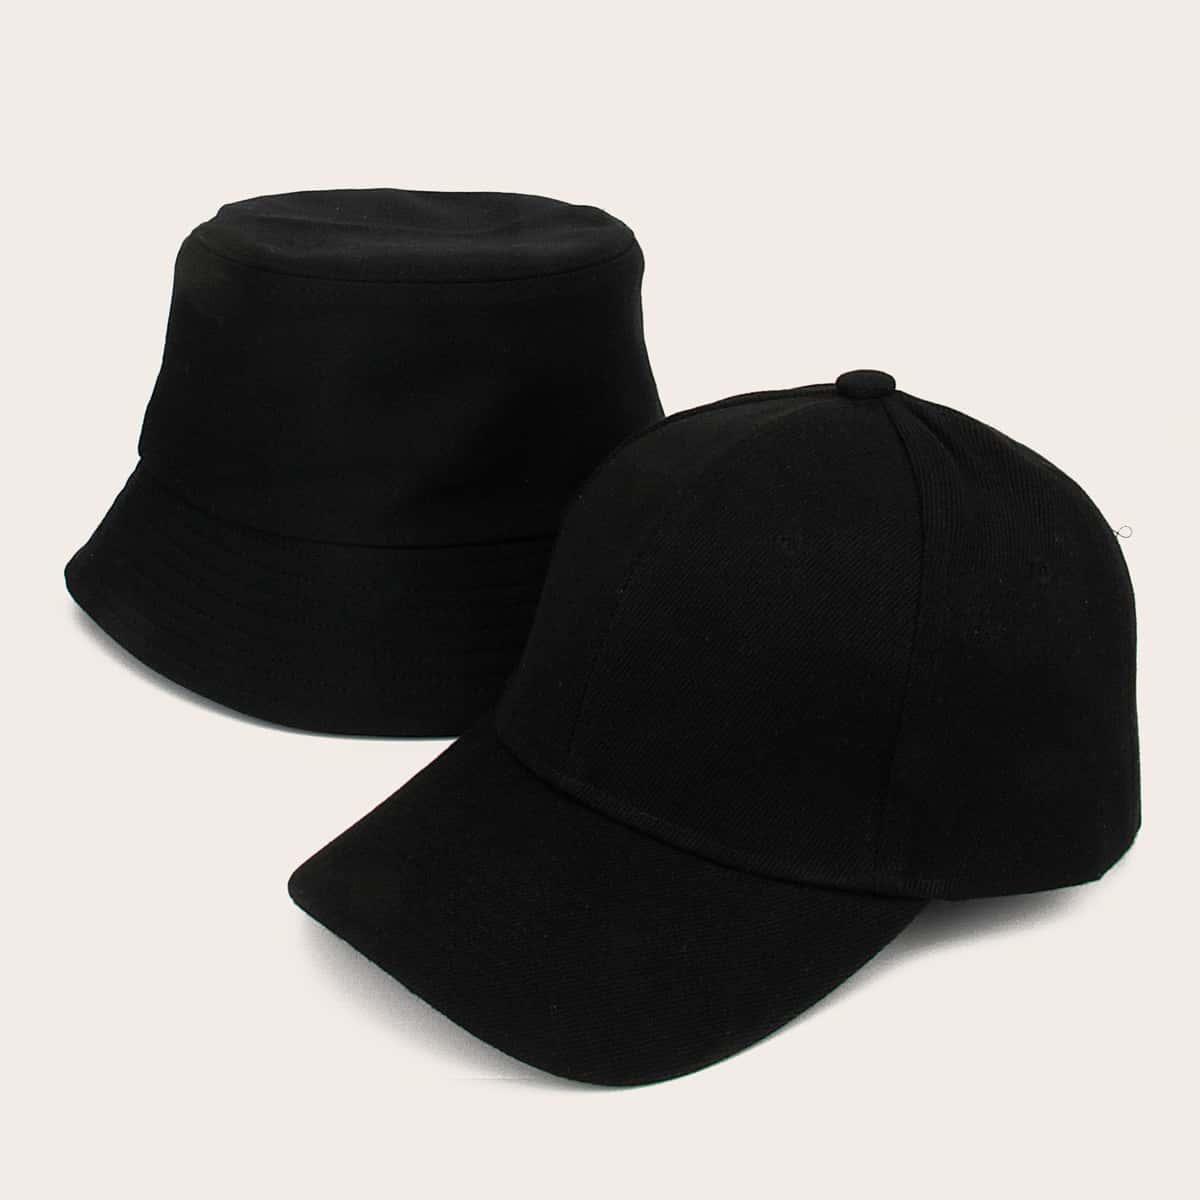 2шт Мужчины Простой Твердый Шляпа от SHEIN